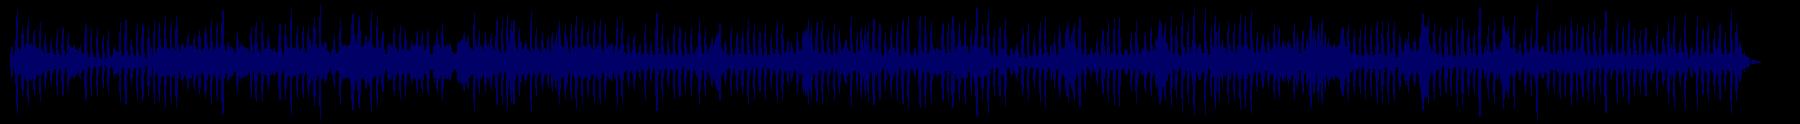 waveform of track #86865